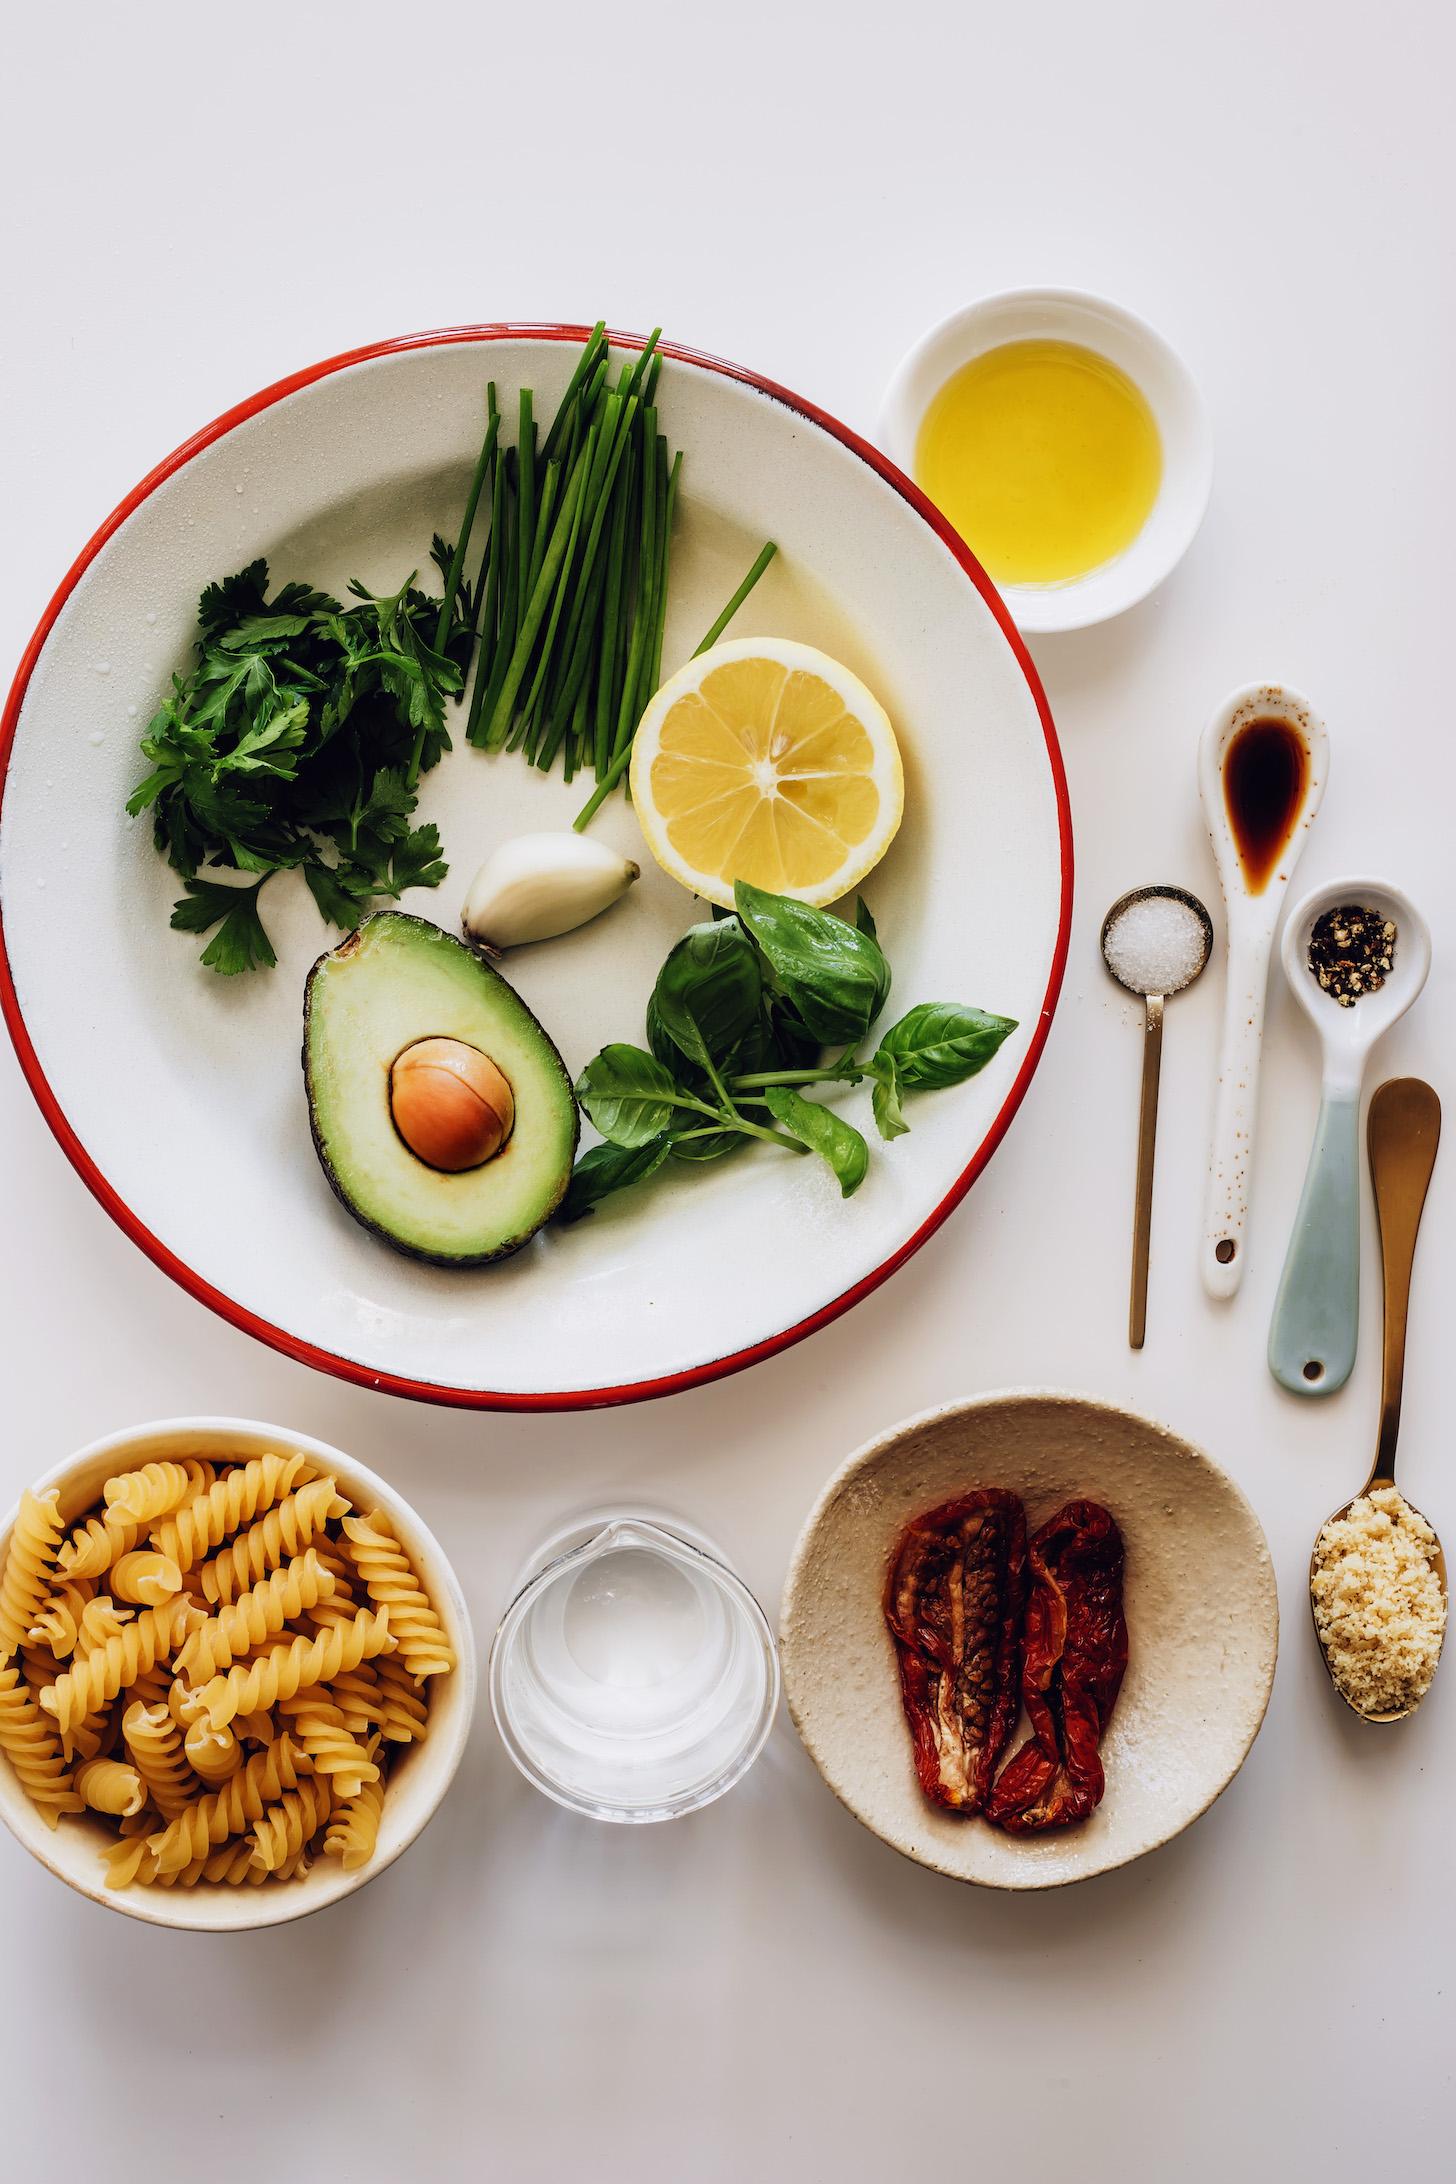 Свежая зелень, чеснок, лимон, паста, вяленые помидоры, веганский сыр пармезан, соль, перец, кокосовые аминокислоты и оливковое масло